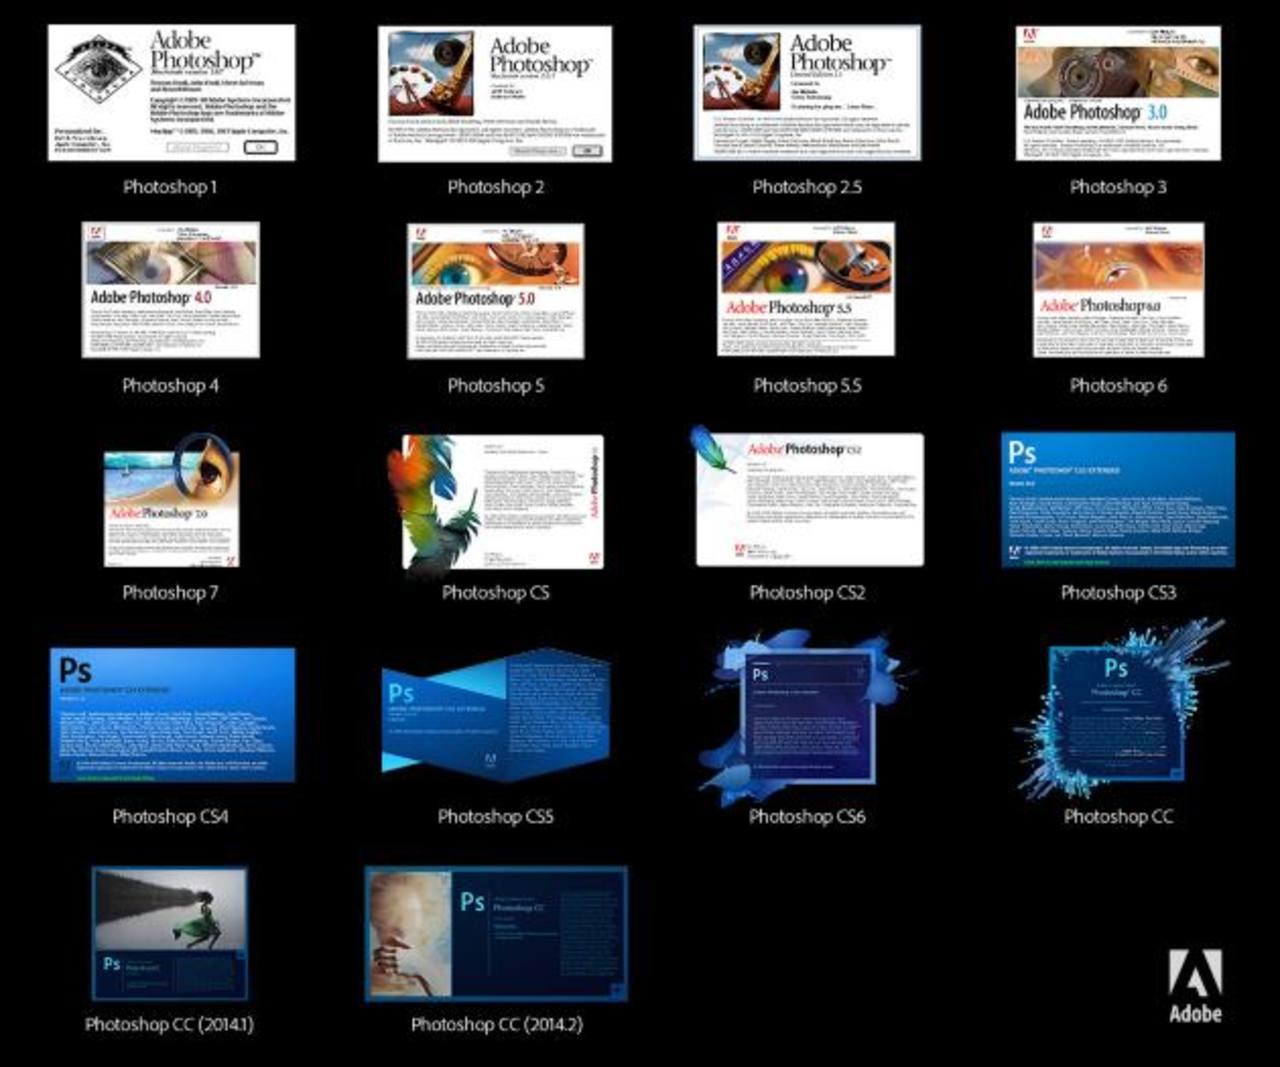 Adobe Photoshop se desarrolló en 1990 por los hermanos Kholl. foto edh